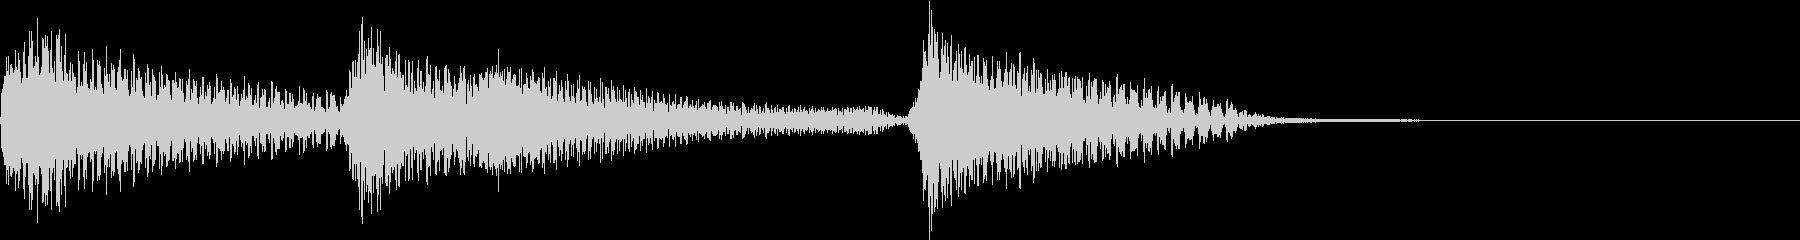 不気味なウッドベース/ピアノ転換効果音の未再生の波形